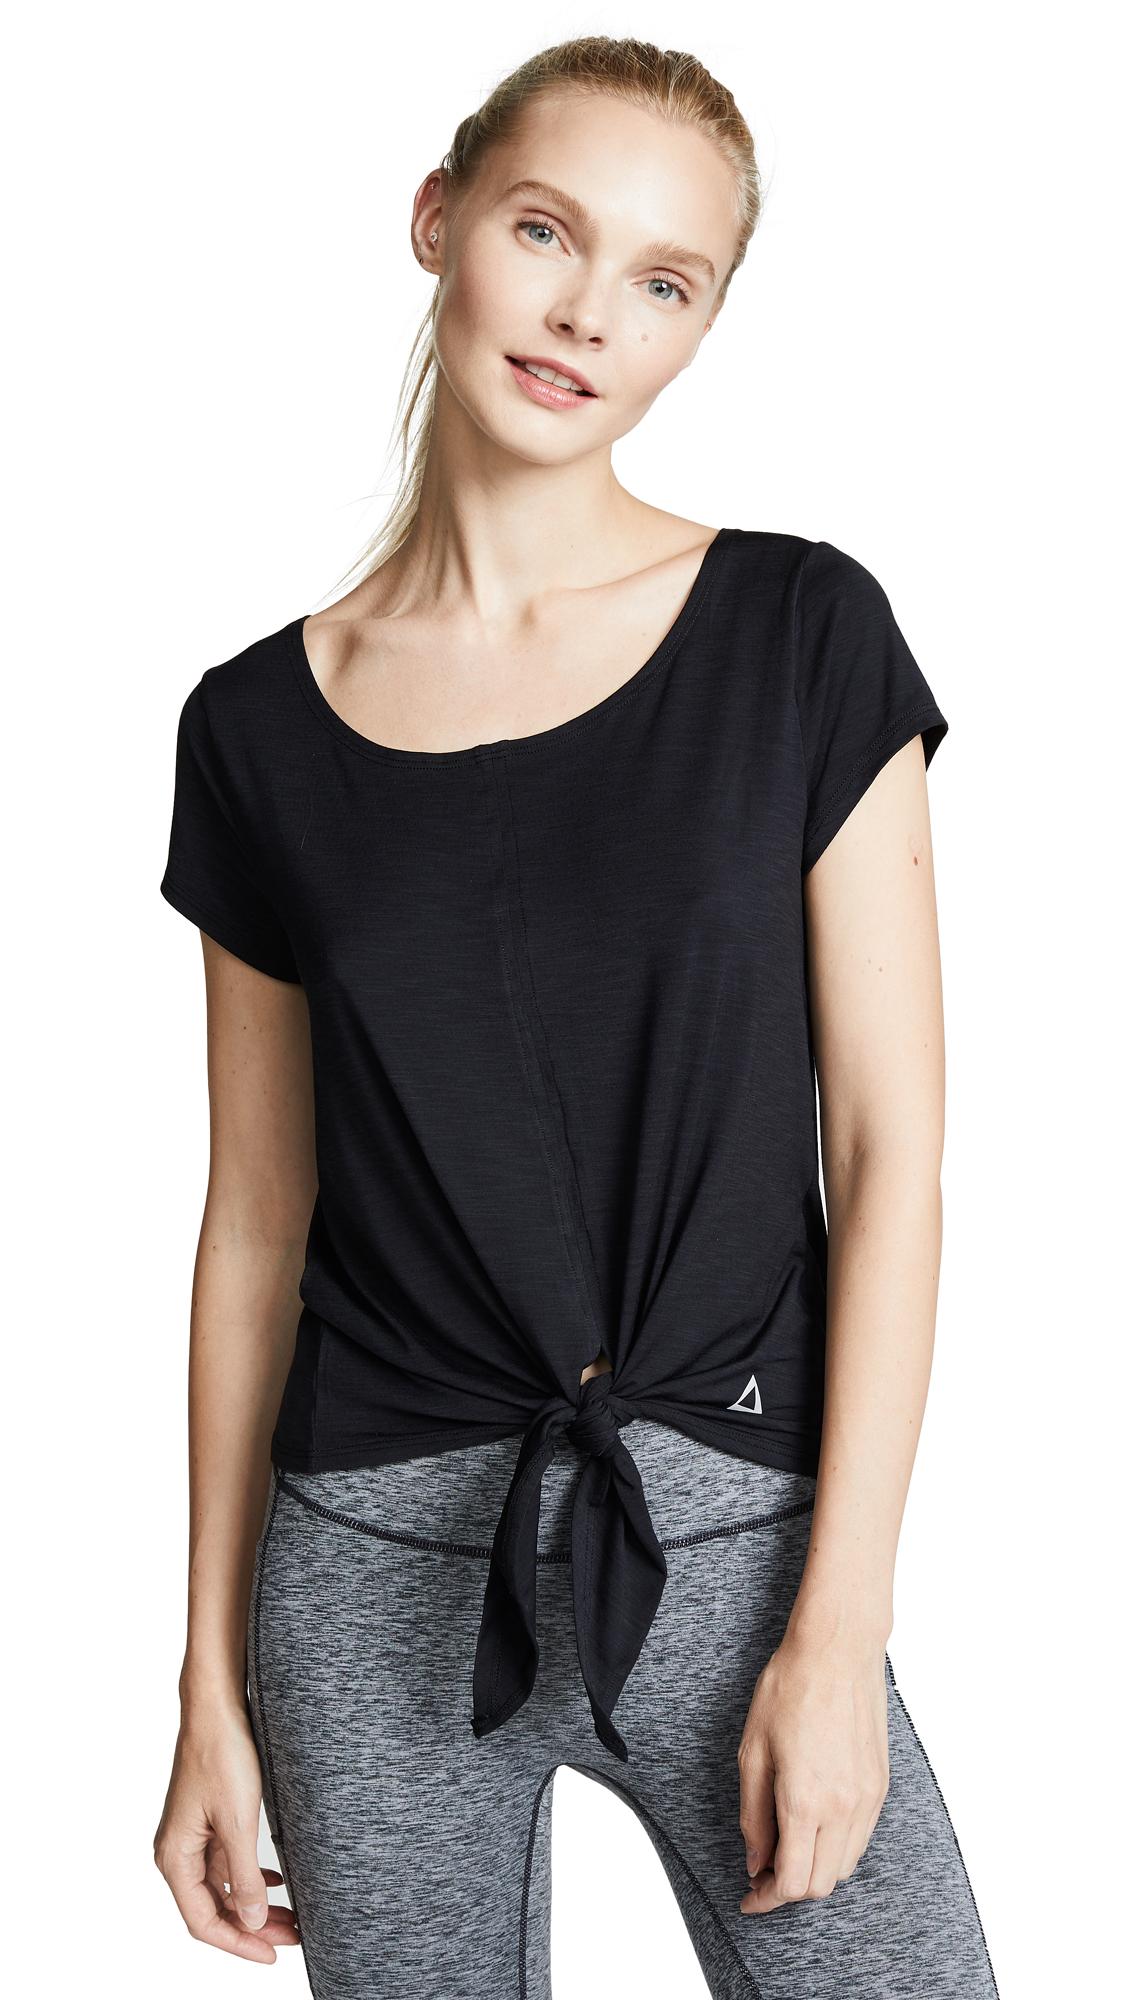 PRISMSPORT Short Sleeve Front Tie Top in Black